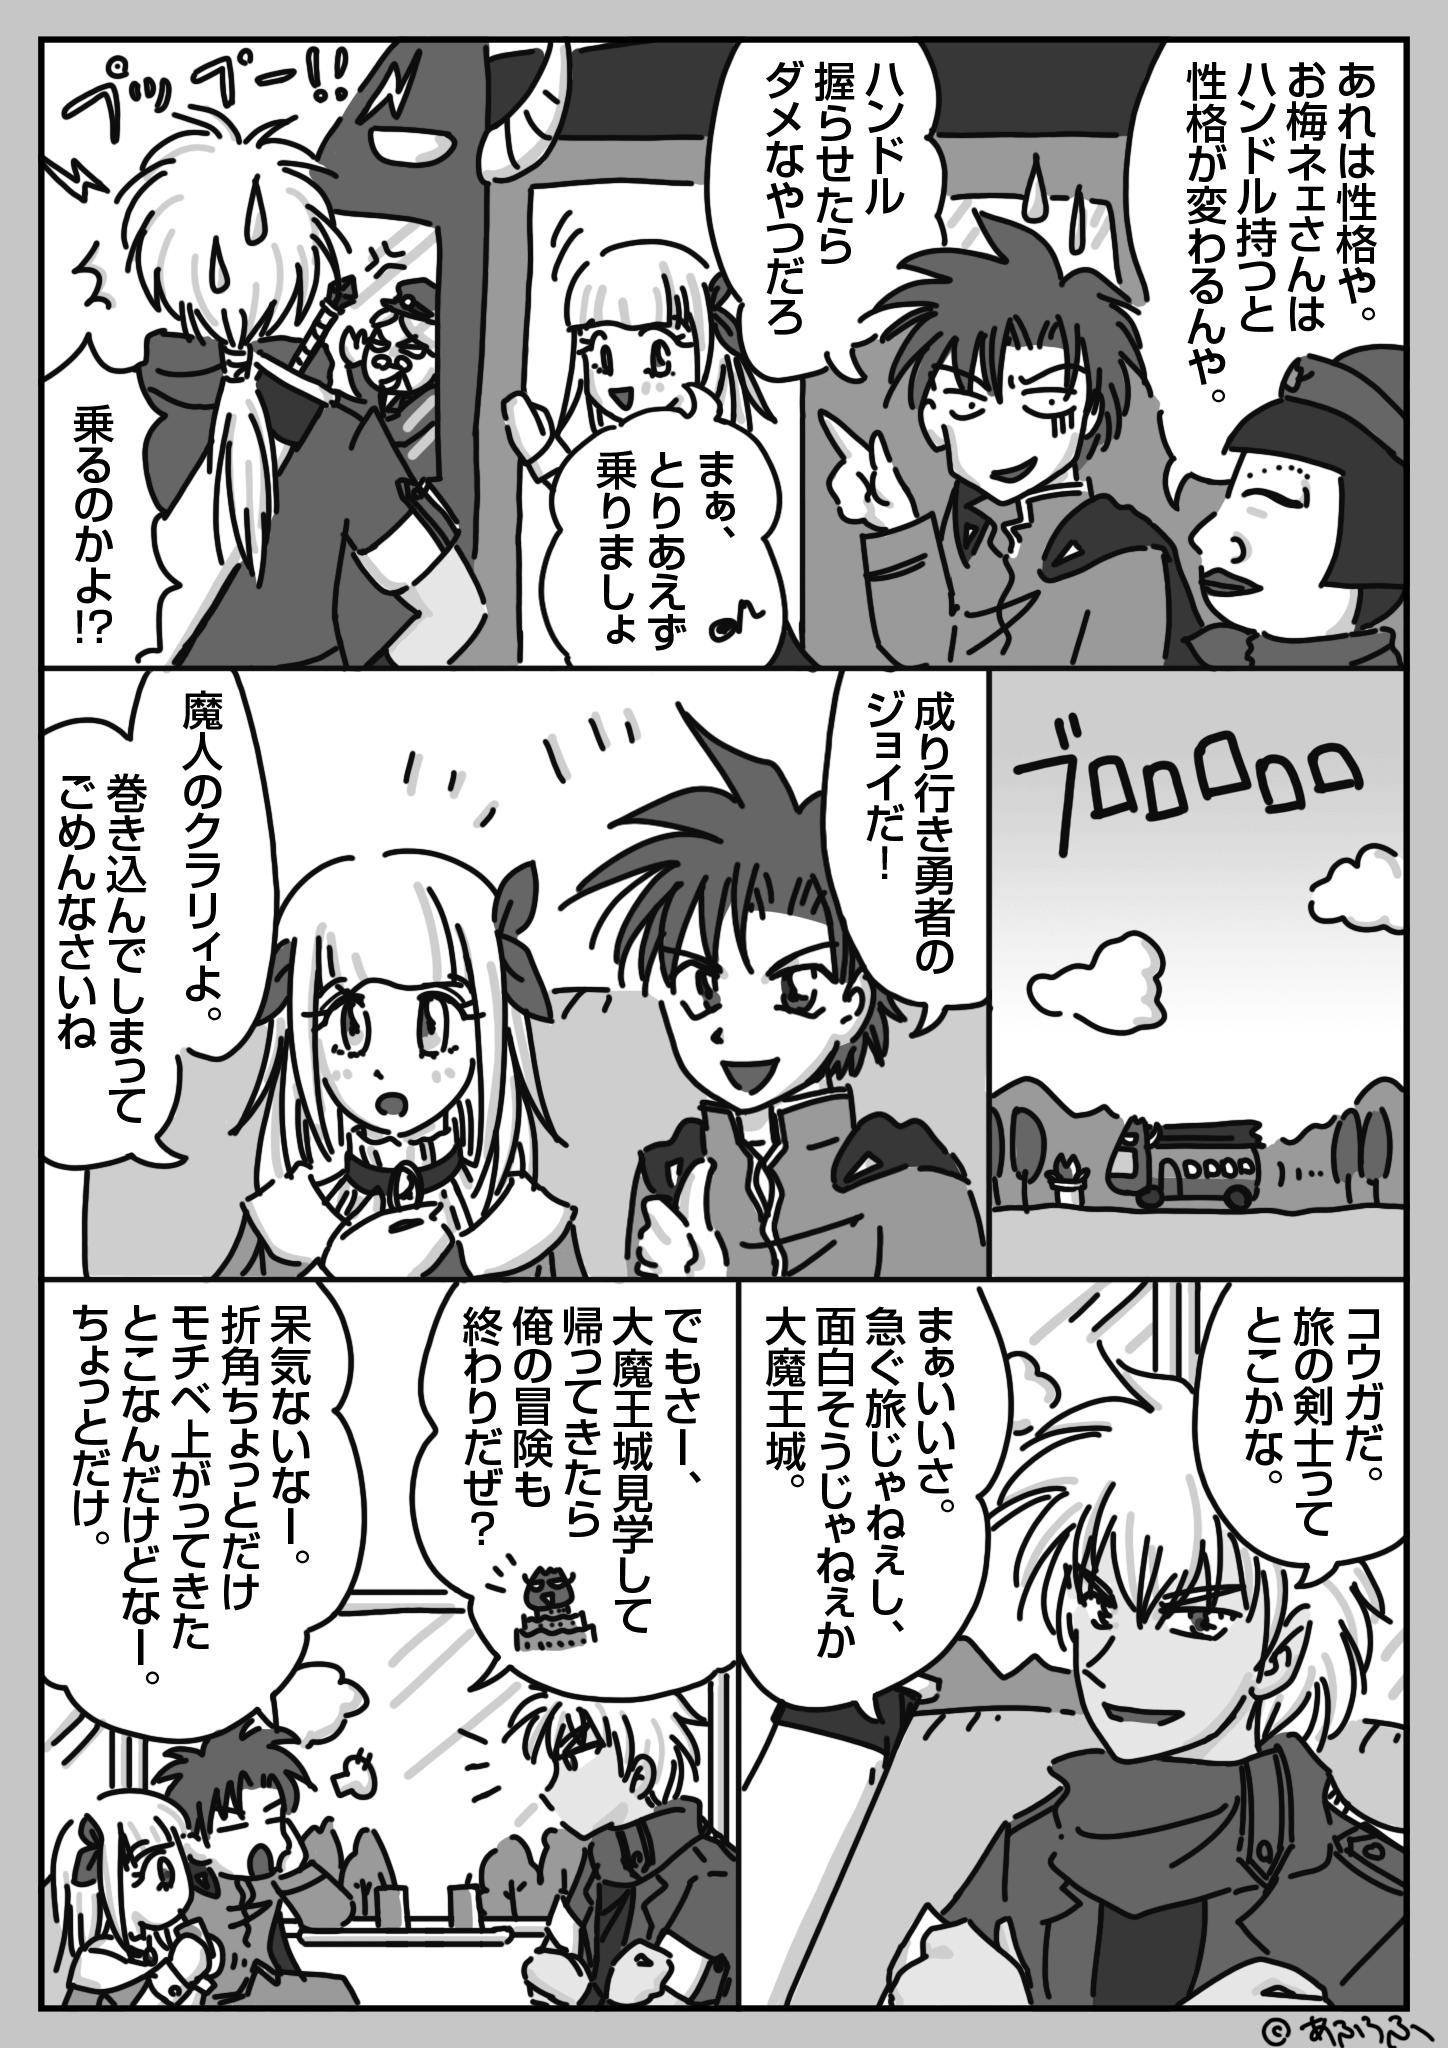 5話『大魔王城ツアーバスと暗黒タイツ軍団』(7)